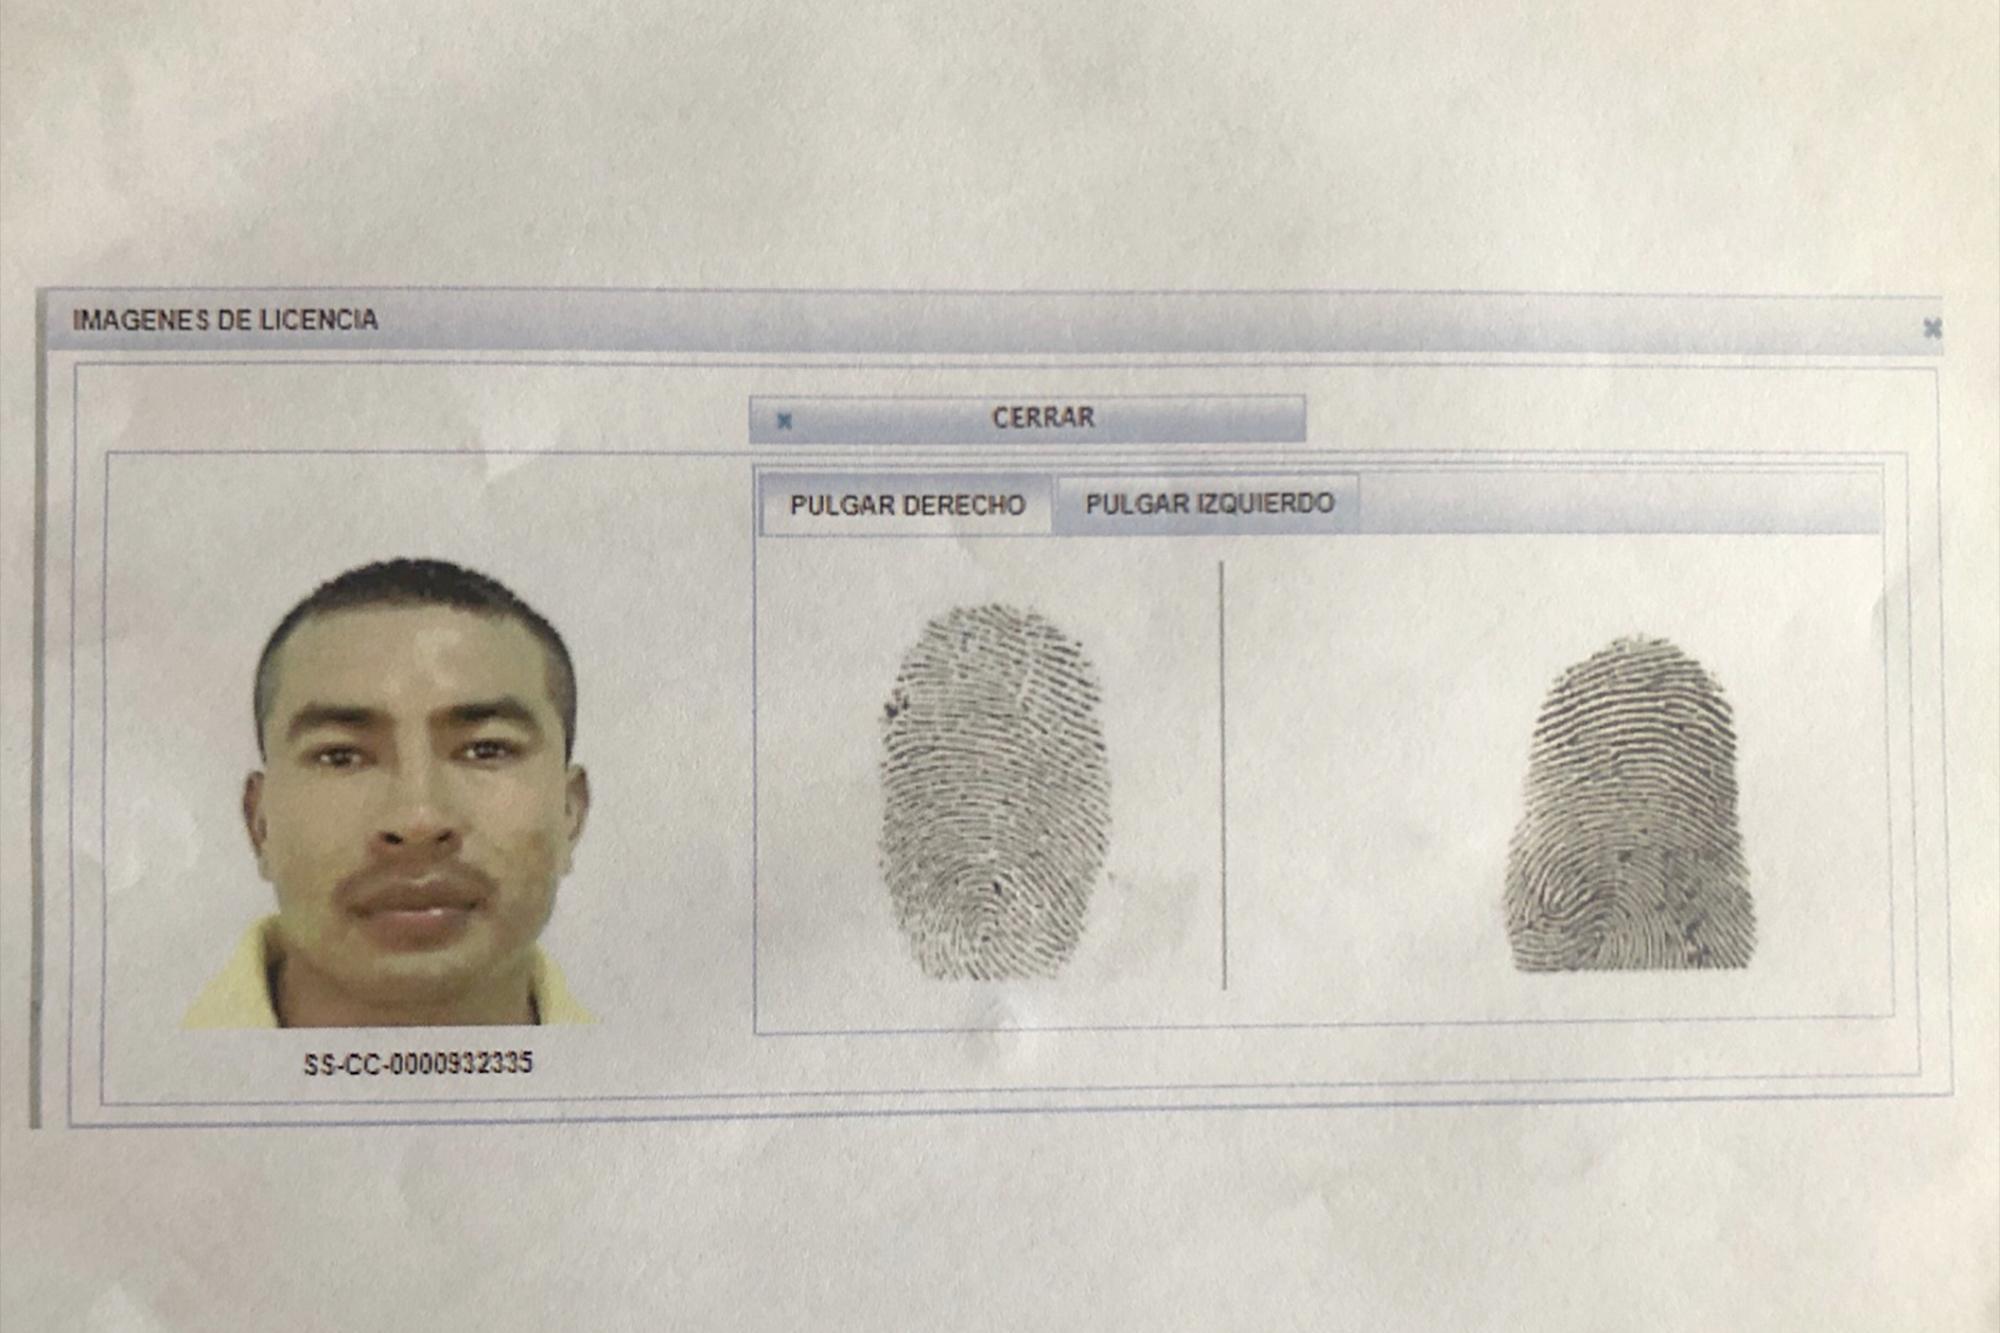 Imagen deDanilo Antonio Colocho Hernández, alias Chino Milo, ranflero de la MS-13, obtenida por El Faro de archivos fiscales.